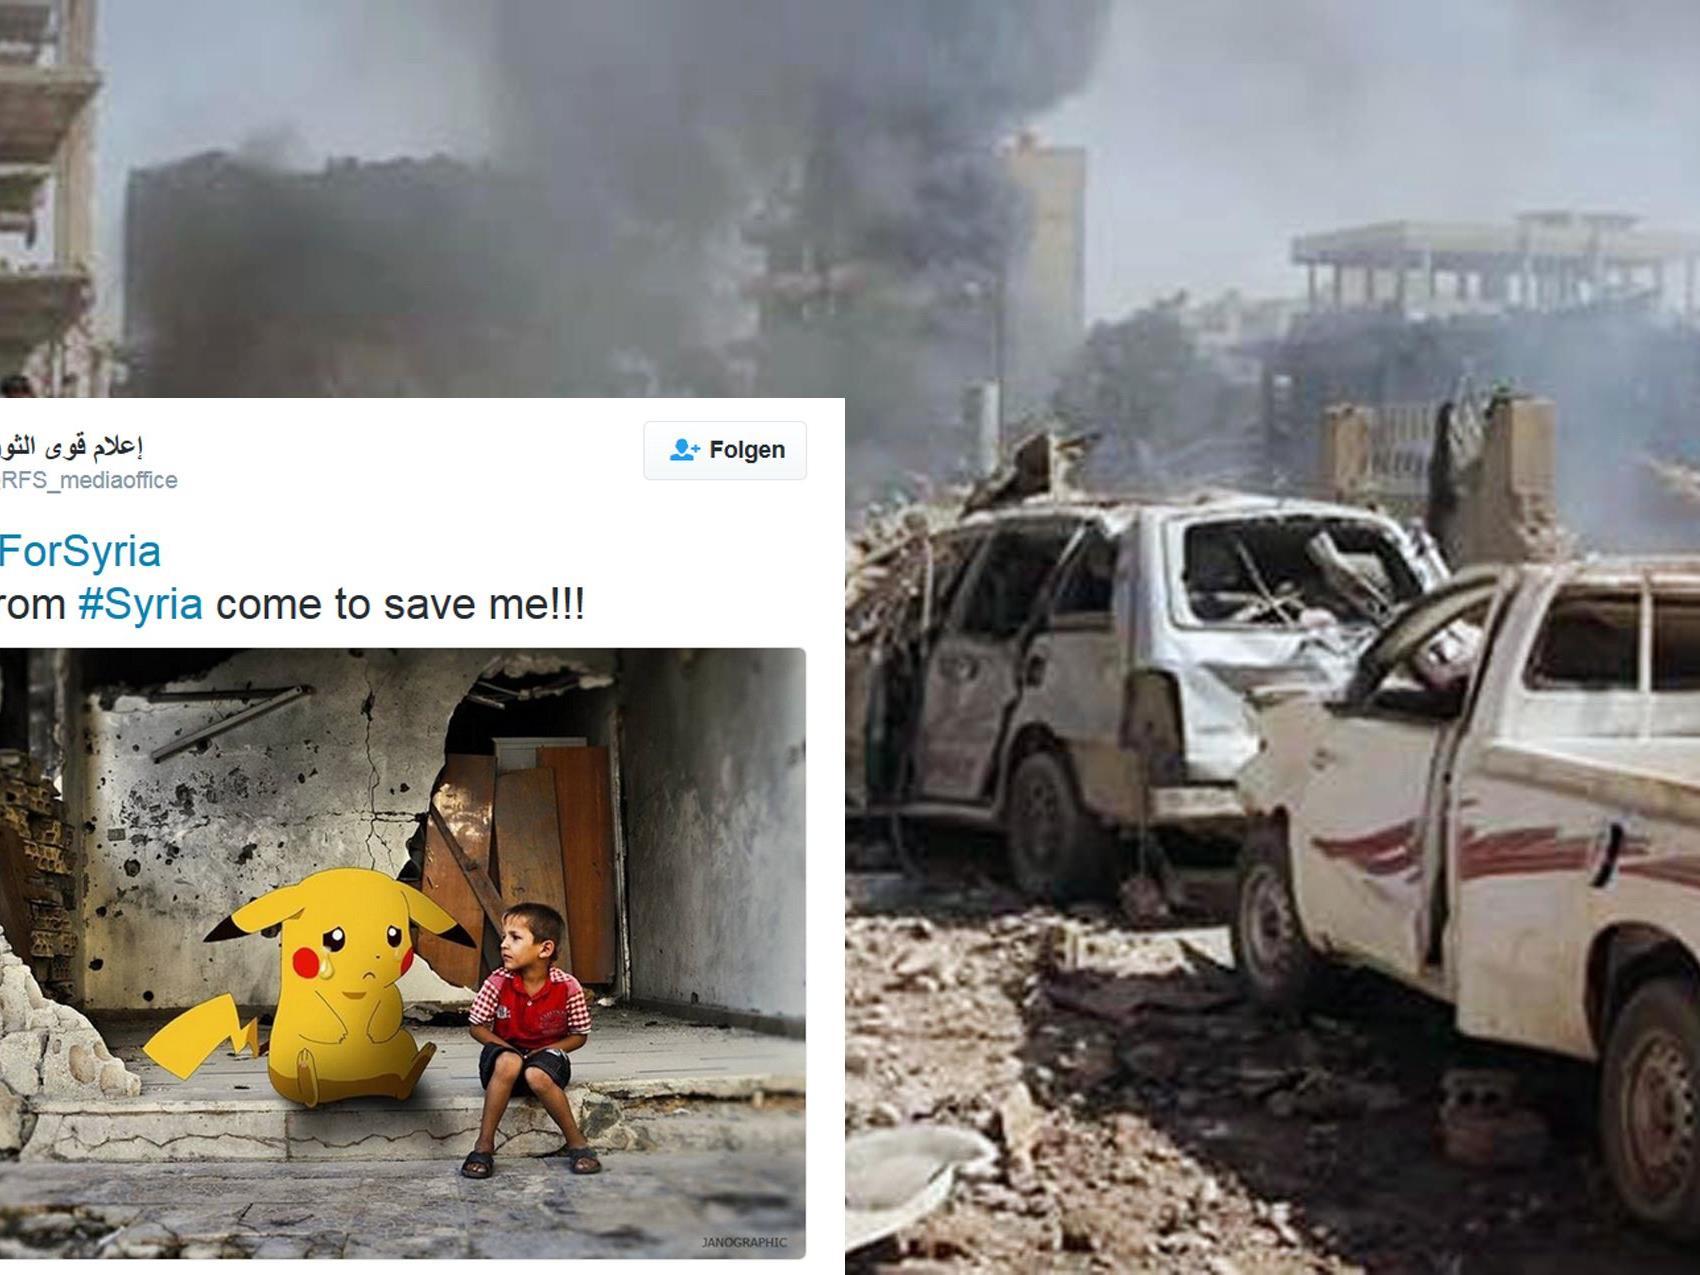 Syrische Kinder starten bewegende Aufrufe mit Pokémon-Abbildungen.